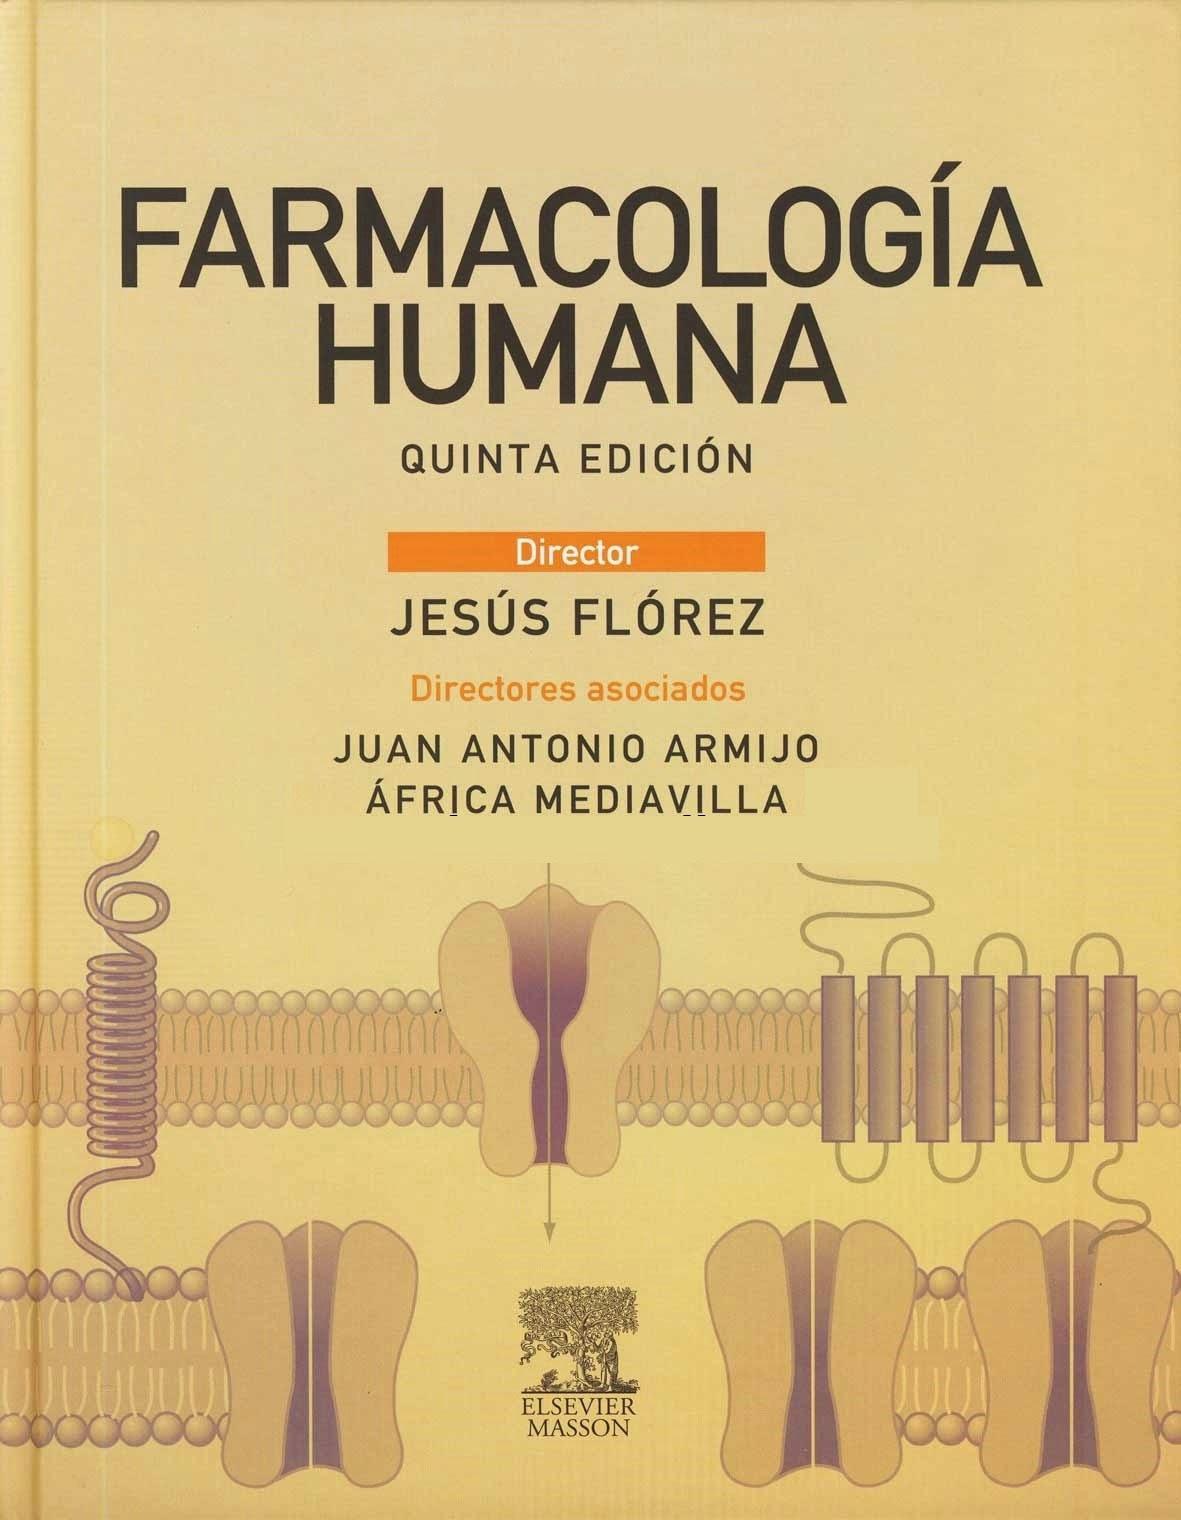 Farmacología Humana - Jesús Flórez 5ª Edición | booksmedicos